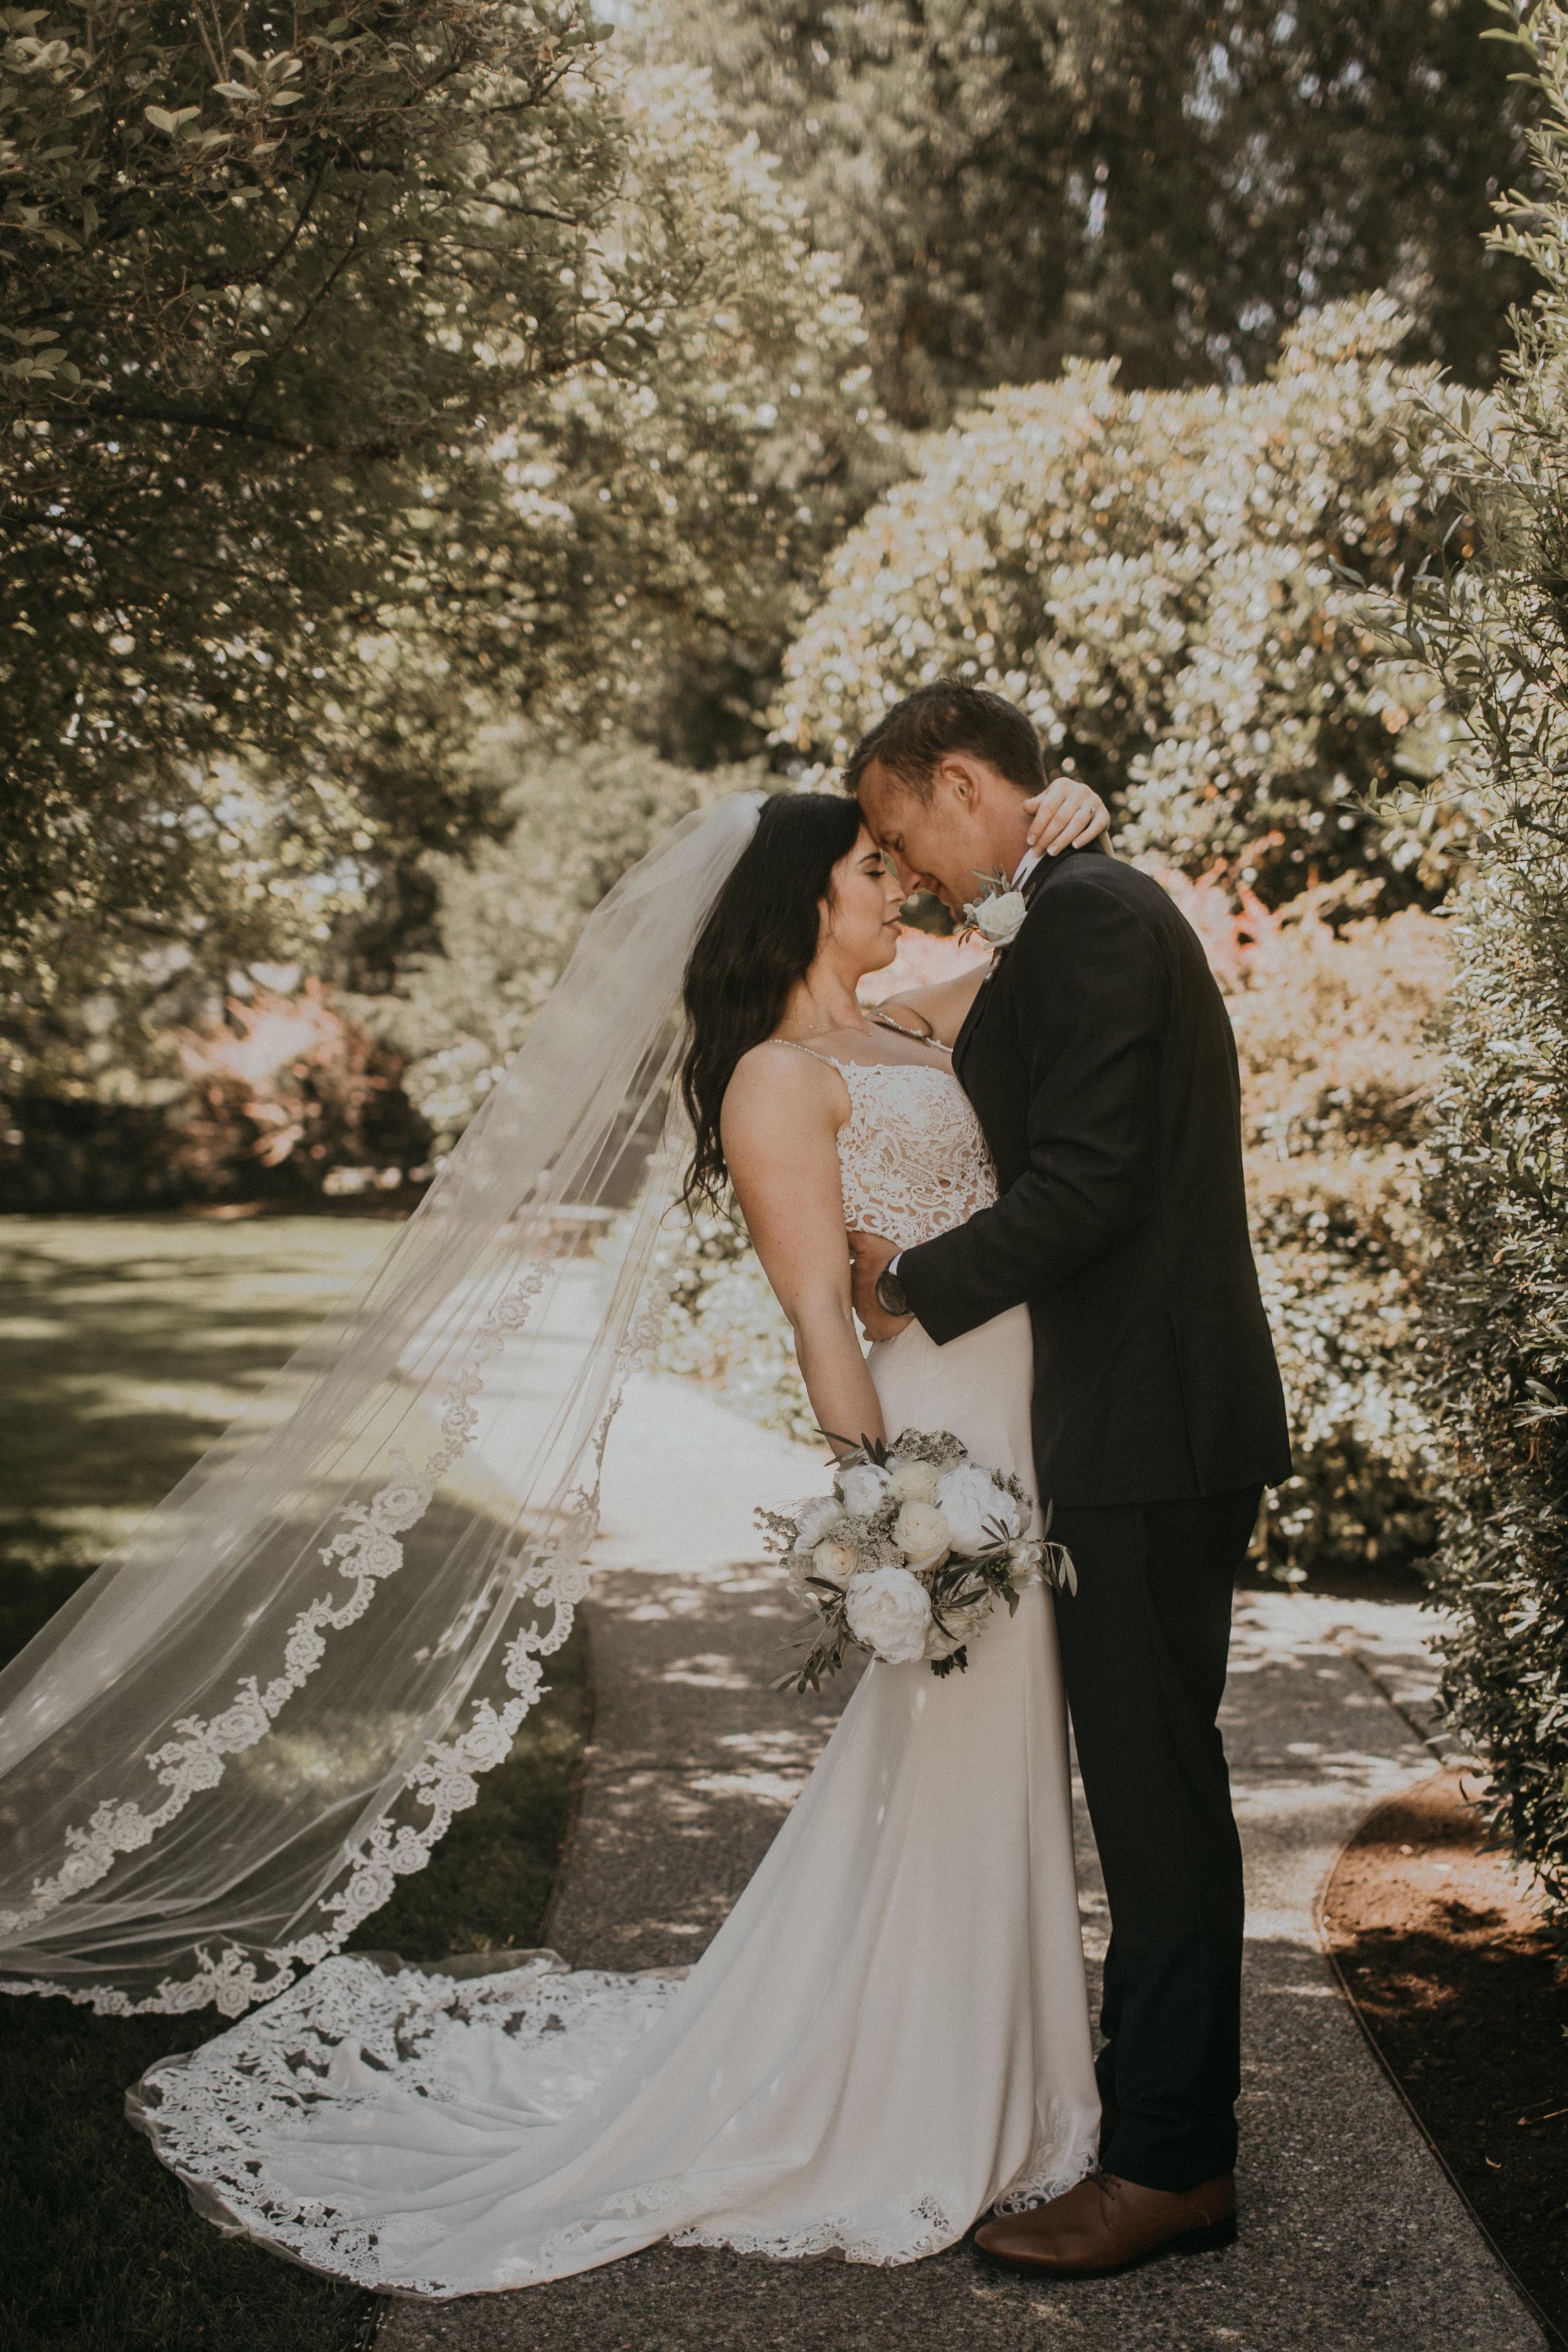 Laurel_Creek_Manor_Sumner_Washington_Wedding_Makenzie+Clark-413.jpg